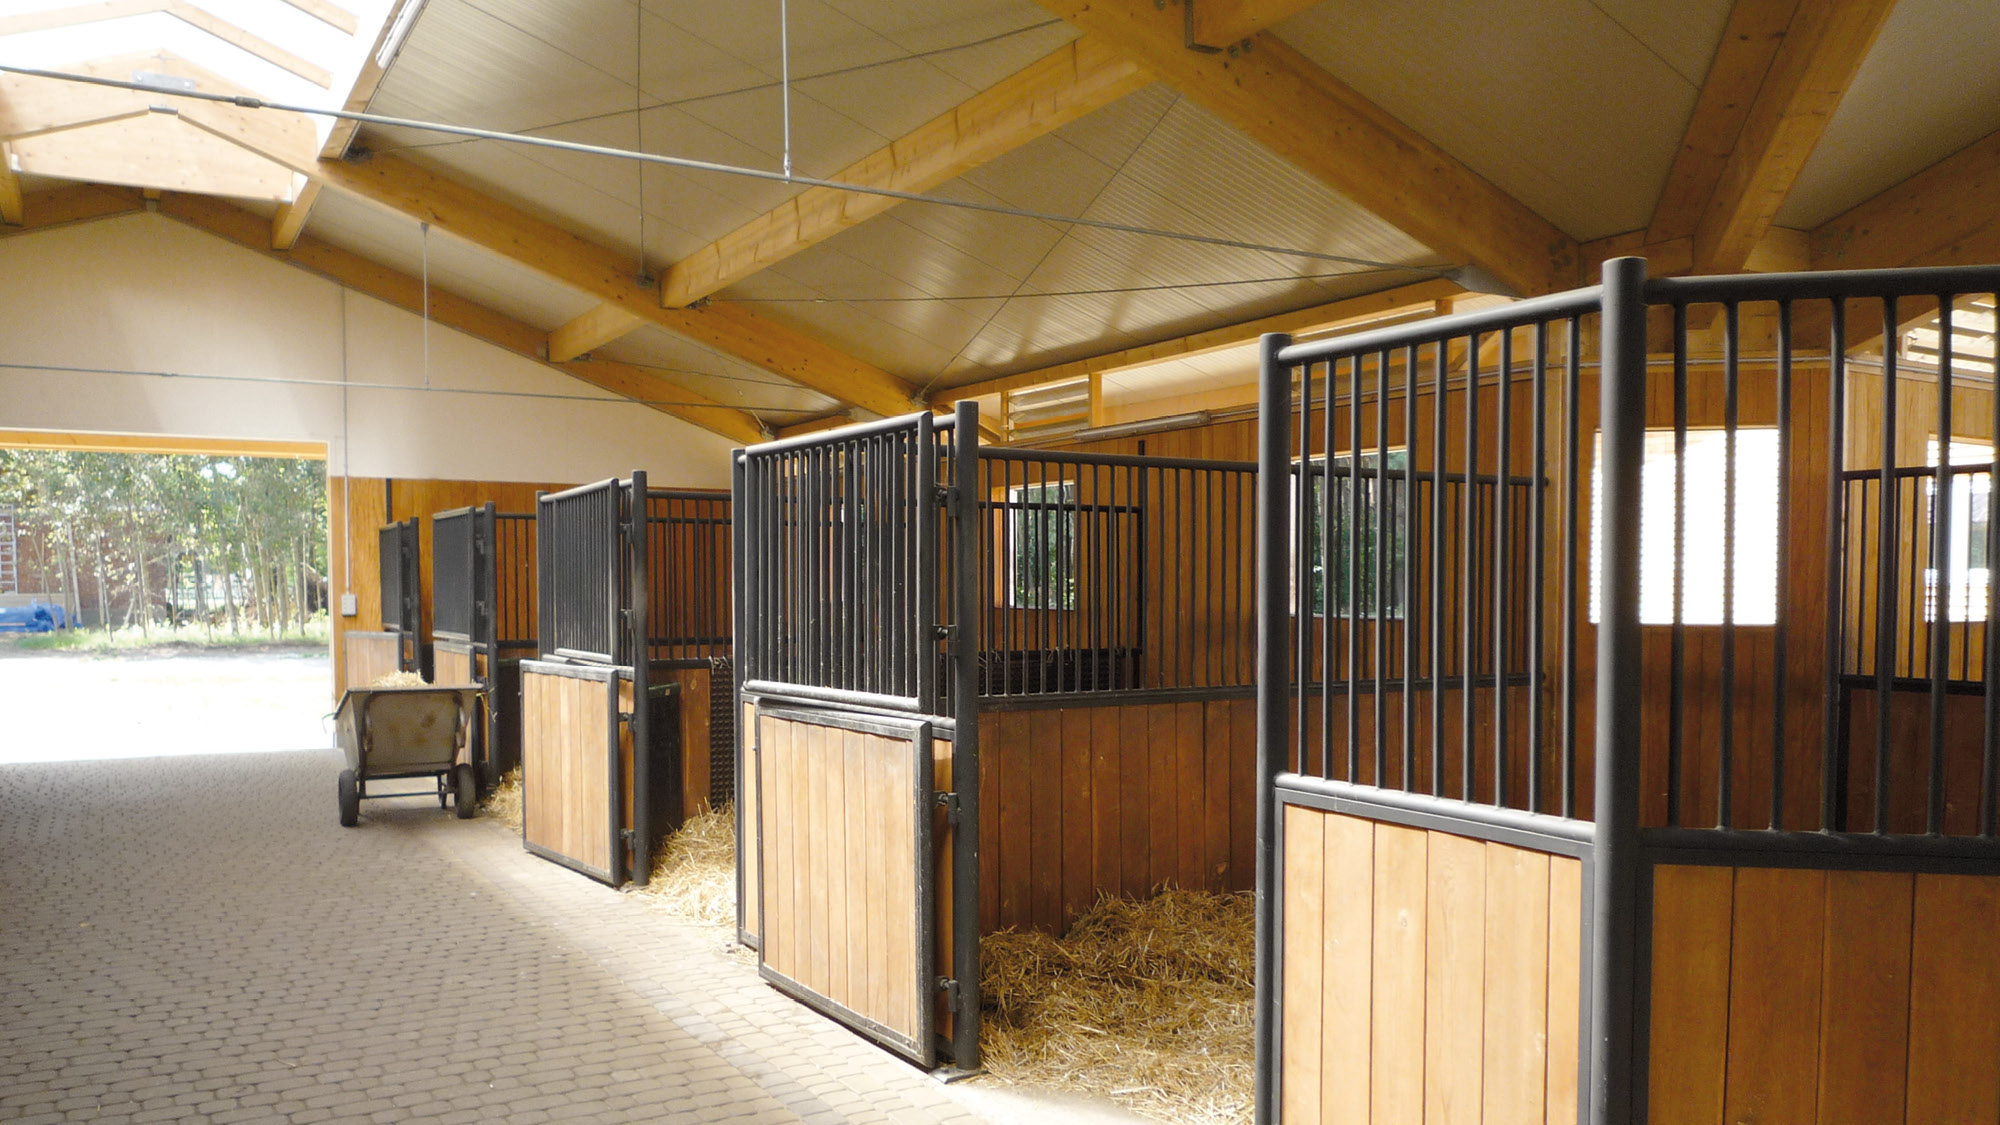 Hansen-Reitanlage-Grojec-Polen-2009-04